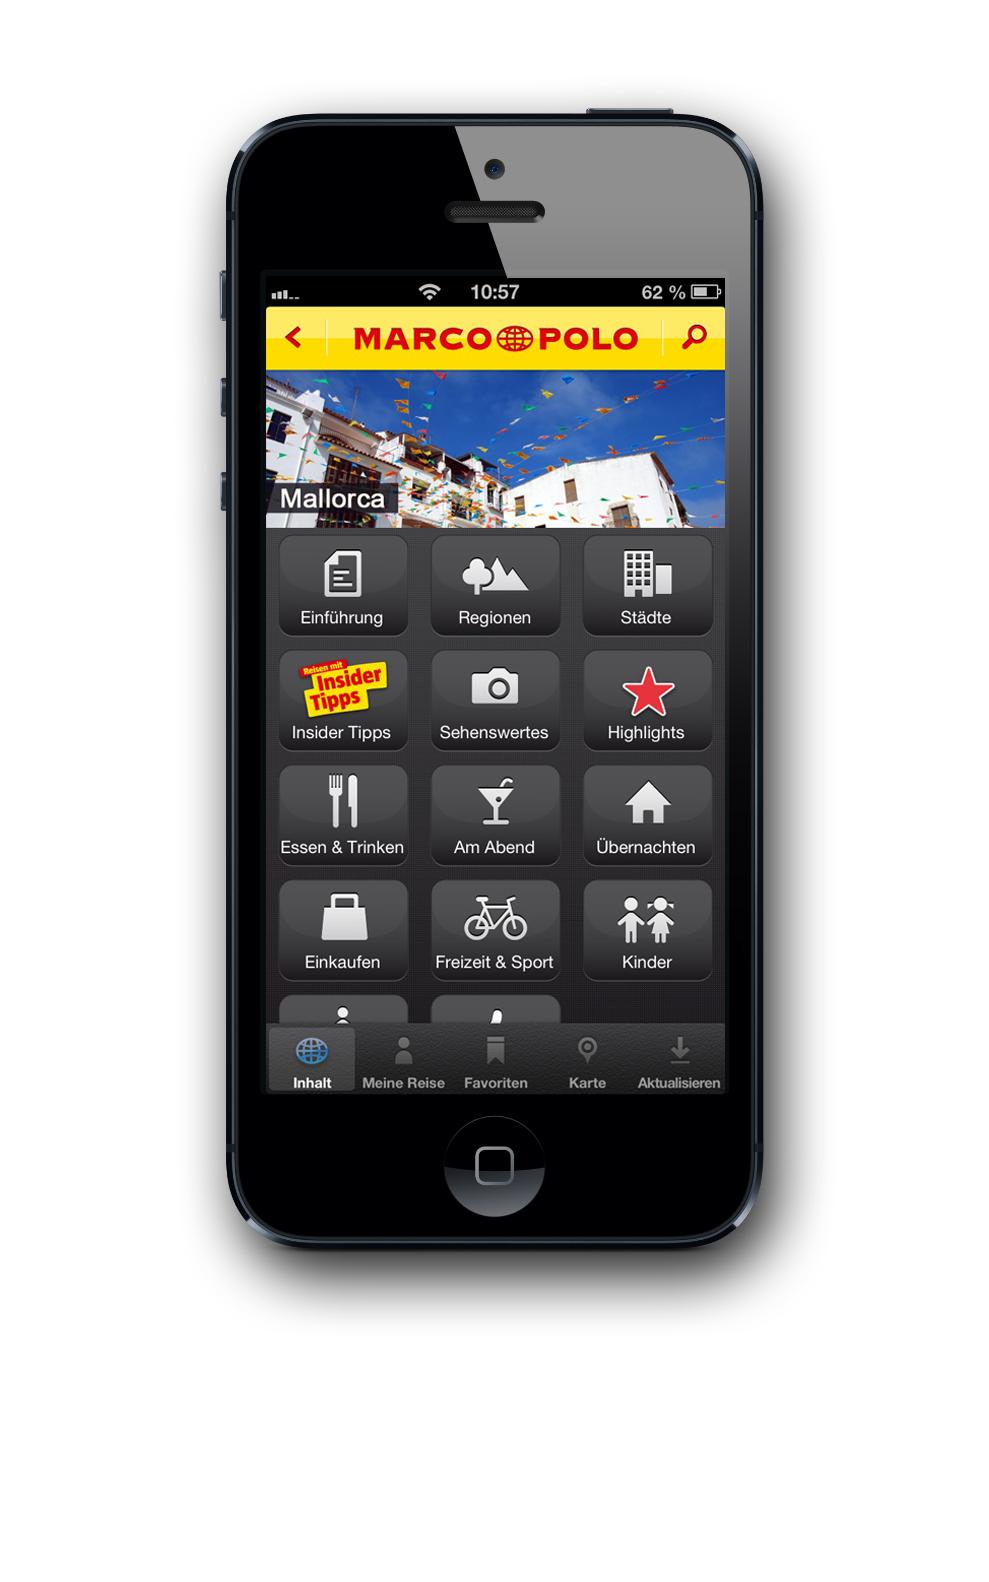 Als Marco Polo 1260 in Venedig zu seiner legendären Reise aufbrach, die ihn bis nach China führte, hatte er natürlich noch keine Reise App zur Verfügung. Sonst wäre er wahrscheinlich in der Lagungenstadt geblieben. Moderne Entdecker laden sich die MARCO POLO Travel Guides App auf das Smartphone. Foto: Mair Dumont